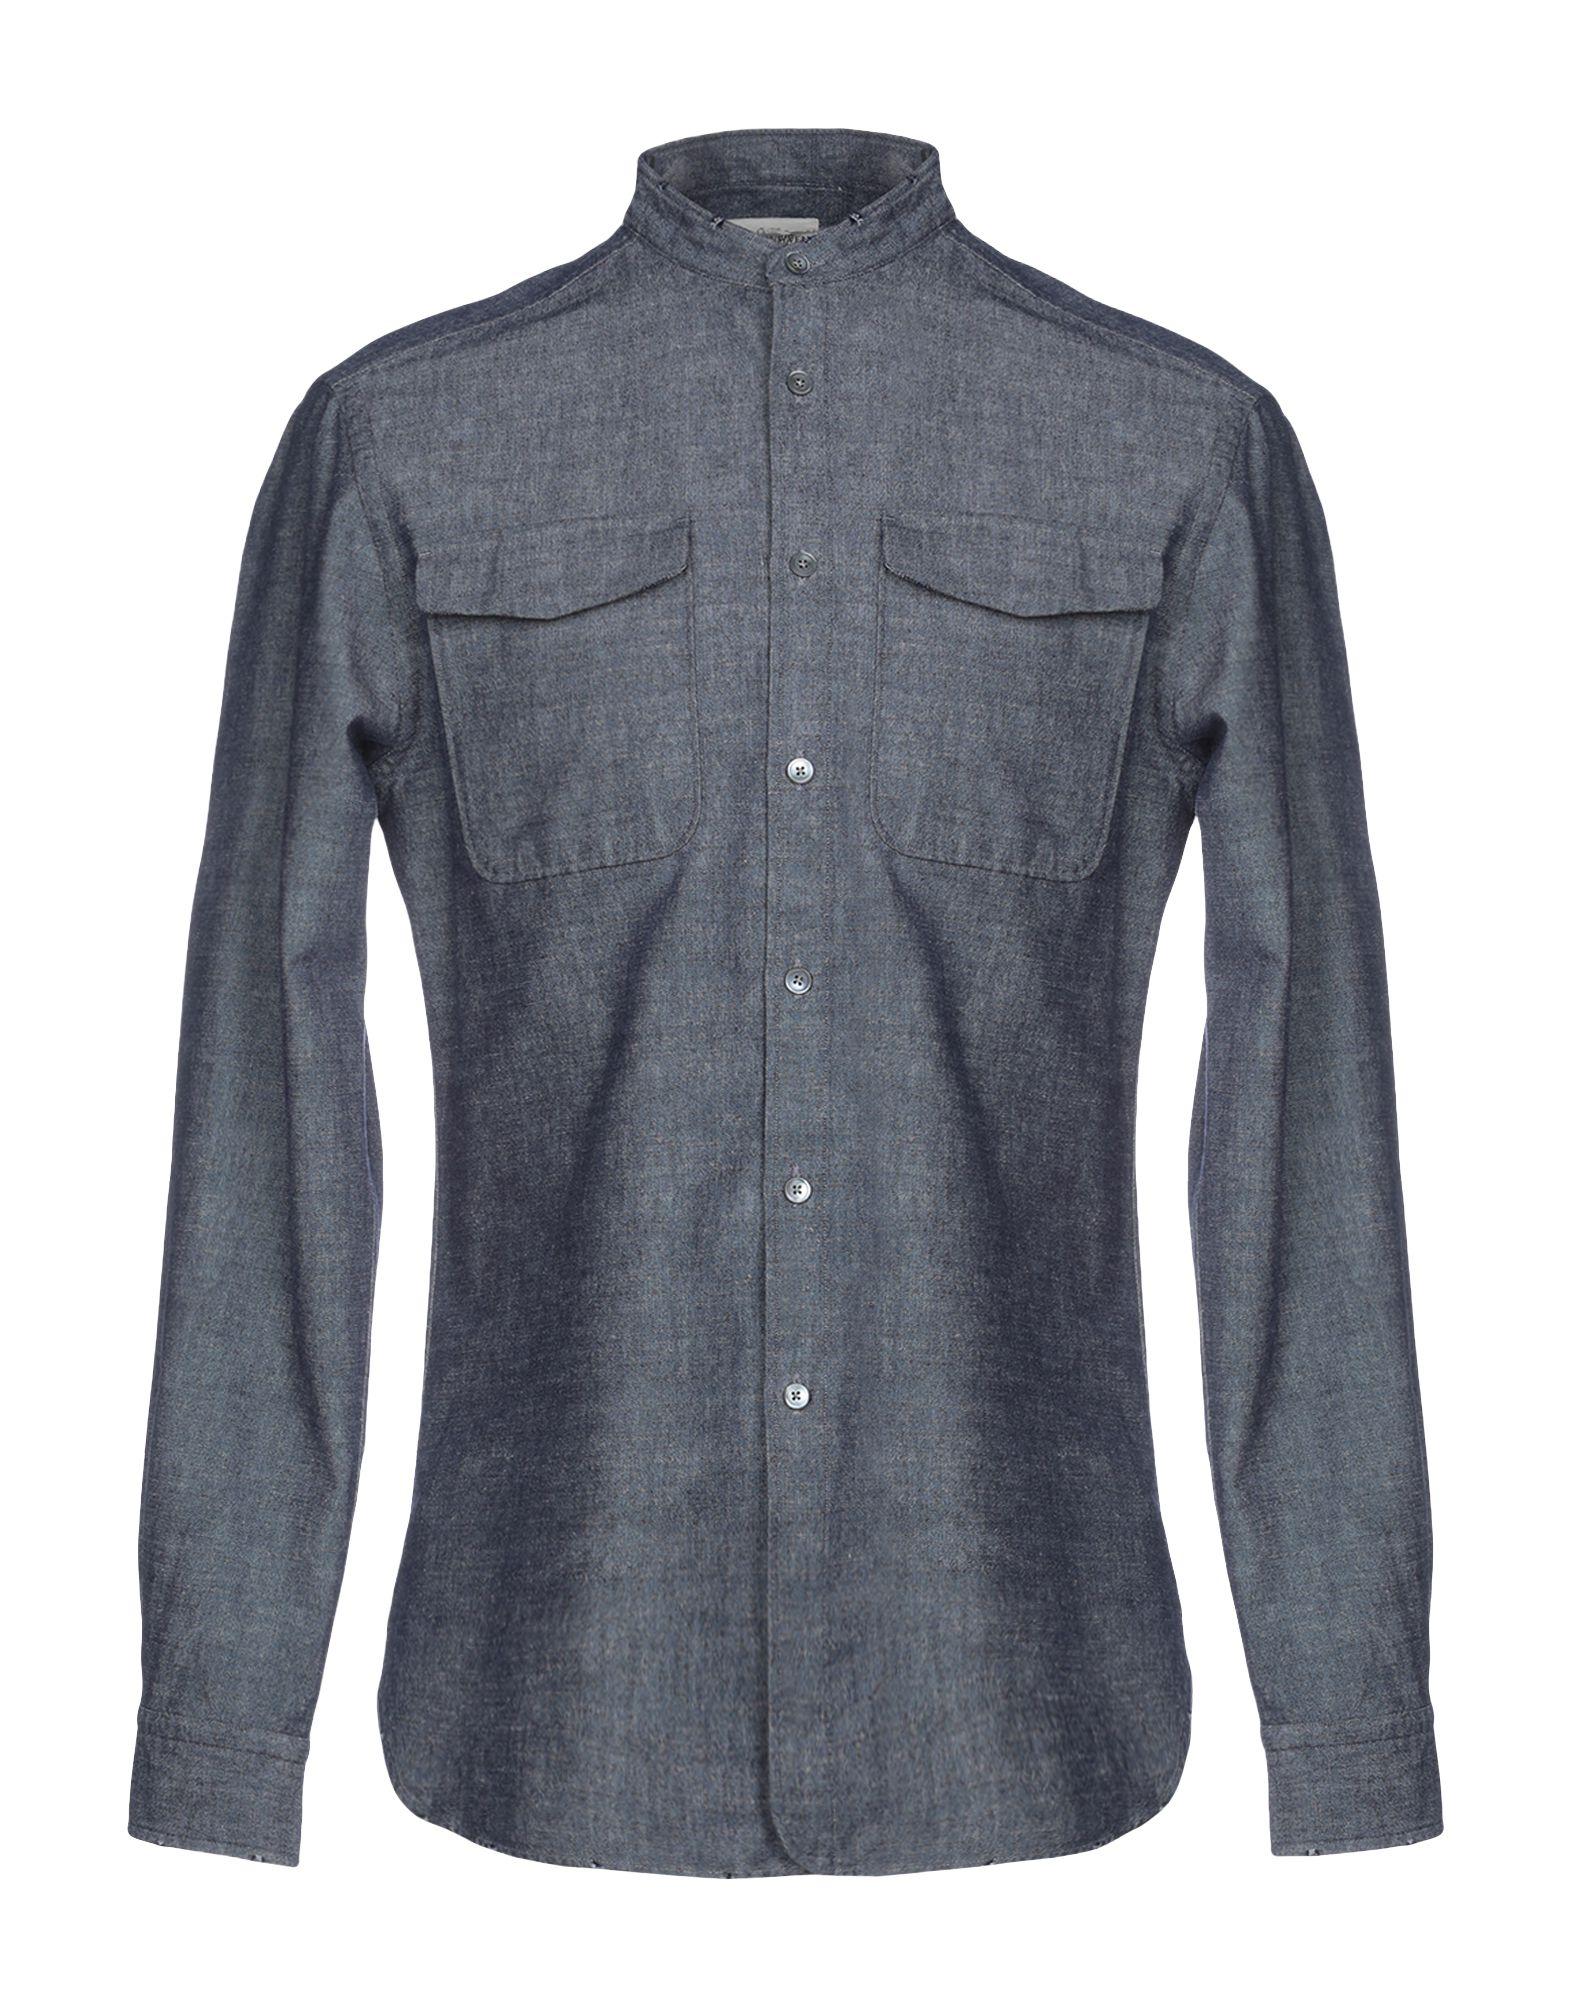 KENT & CURWEN Джинсовая рубашка рубашка laura kent klingel цвет голубой